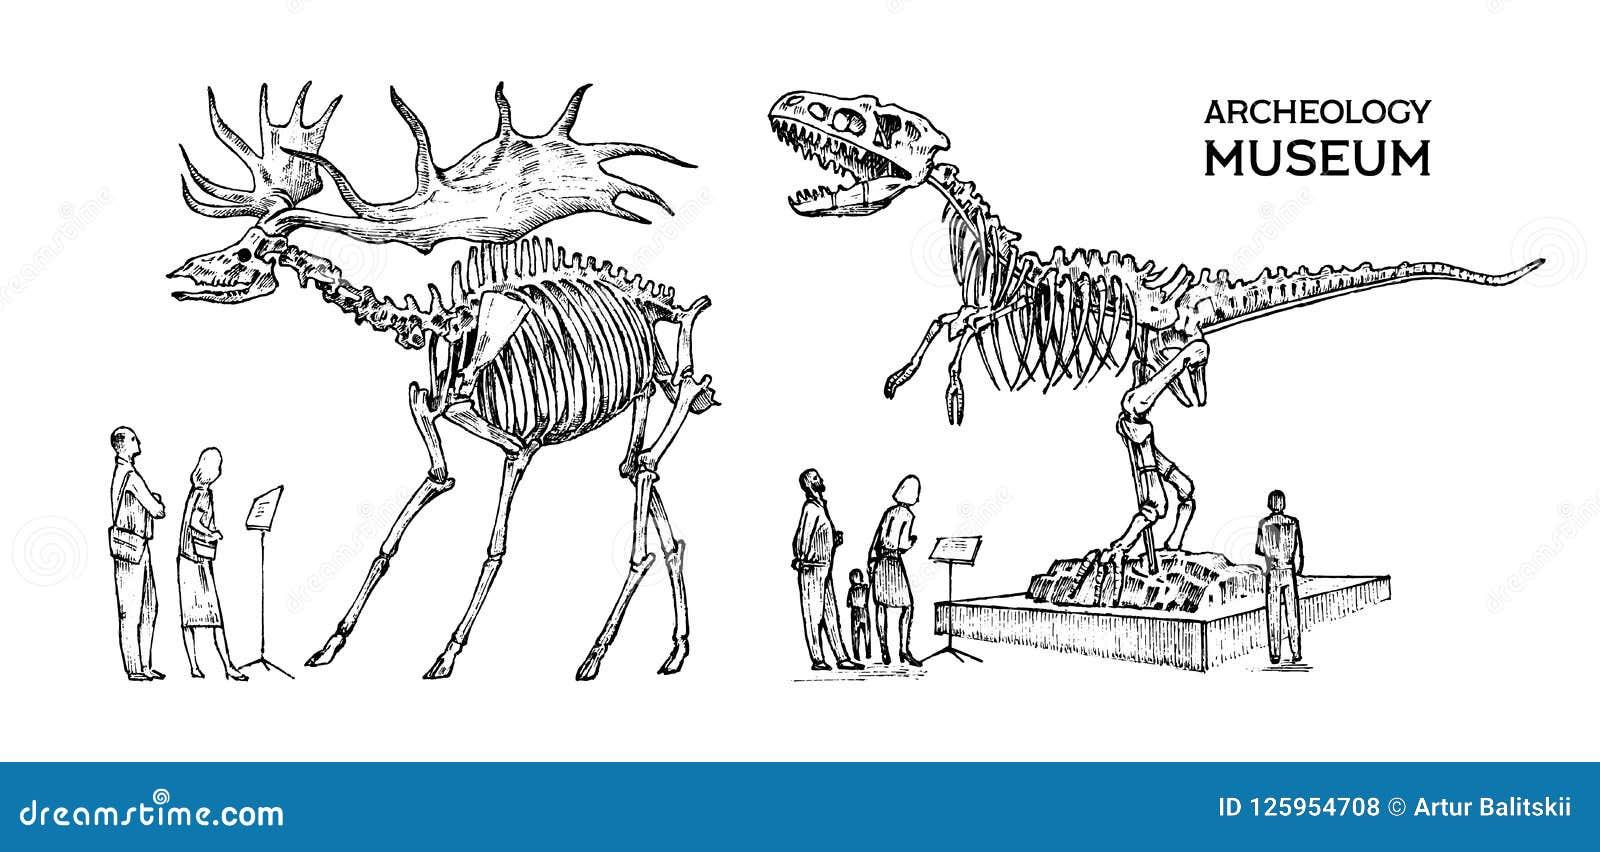 Εκλεκτής ποιότητας αρχαιολογικό μουσείο Οι επισκέπτες εξετάζουν το έκθεμα Ιστορικός σκελετός ενός εκλείψα ζωικού δεινοσαύρου